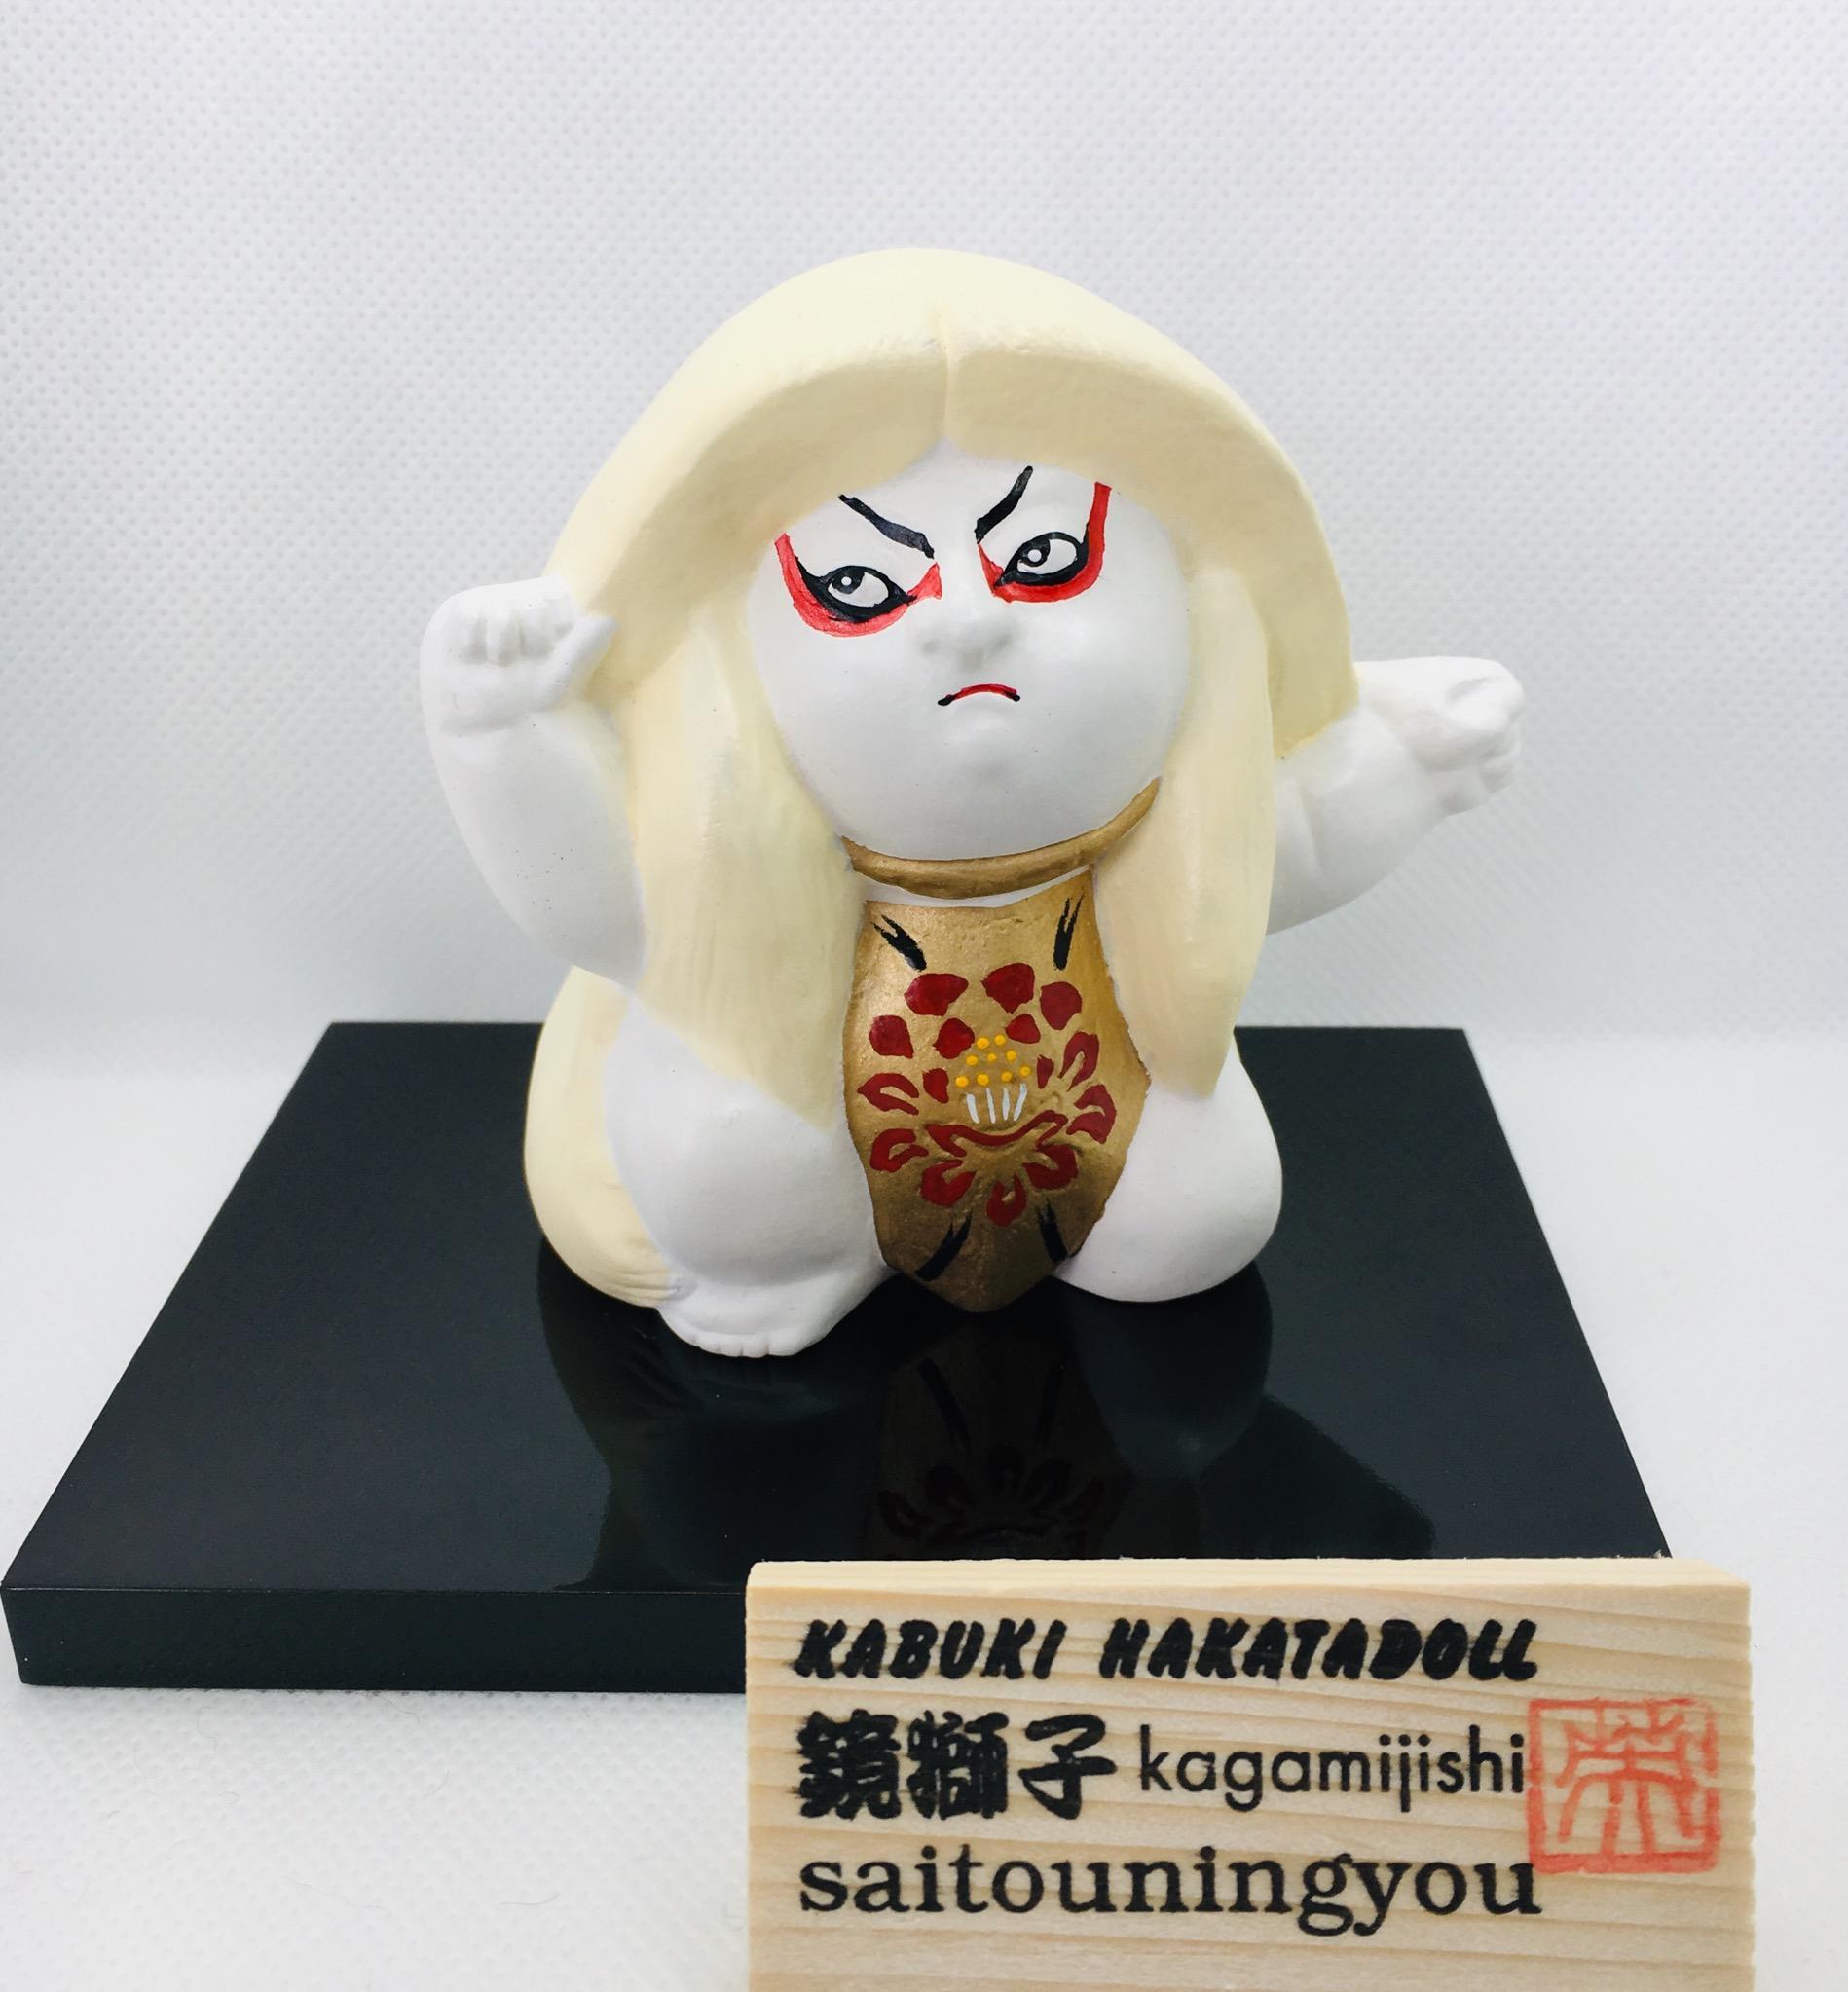 華やかな歌舞伎の代表作。鏡獅子を、わらべもの見立てで博多人形の技法を用いて作りました。別売りの鏡獅子(赤)と一緒に飾って頂きますと『連獅子』の世界観をお楽しみいただけます。   お部屋に華やかな彩りを施したい方におススメ致します。